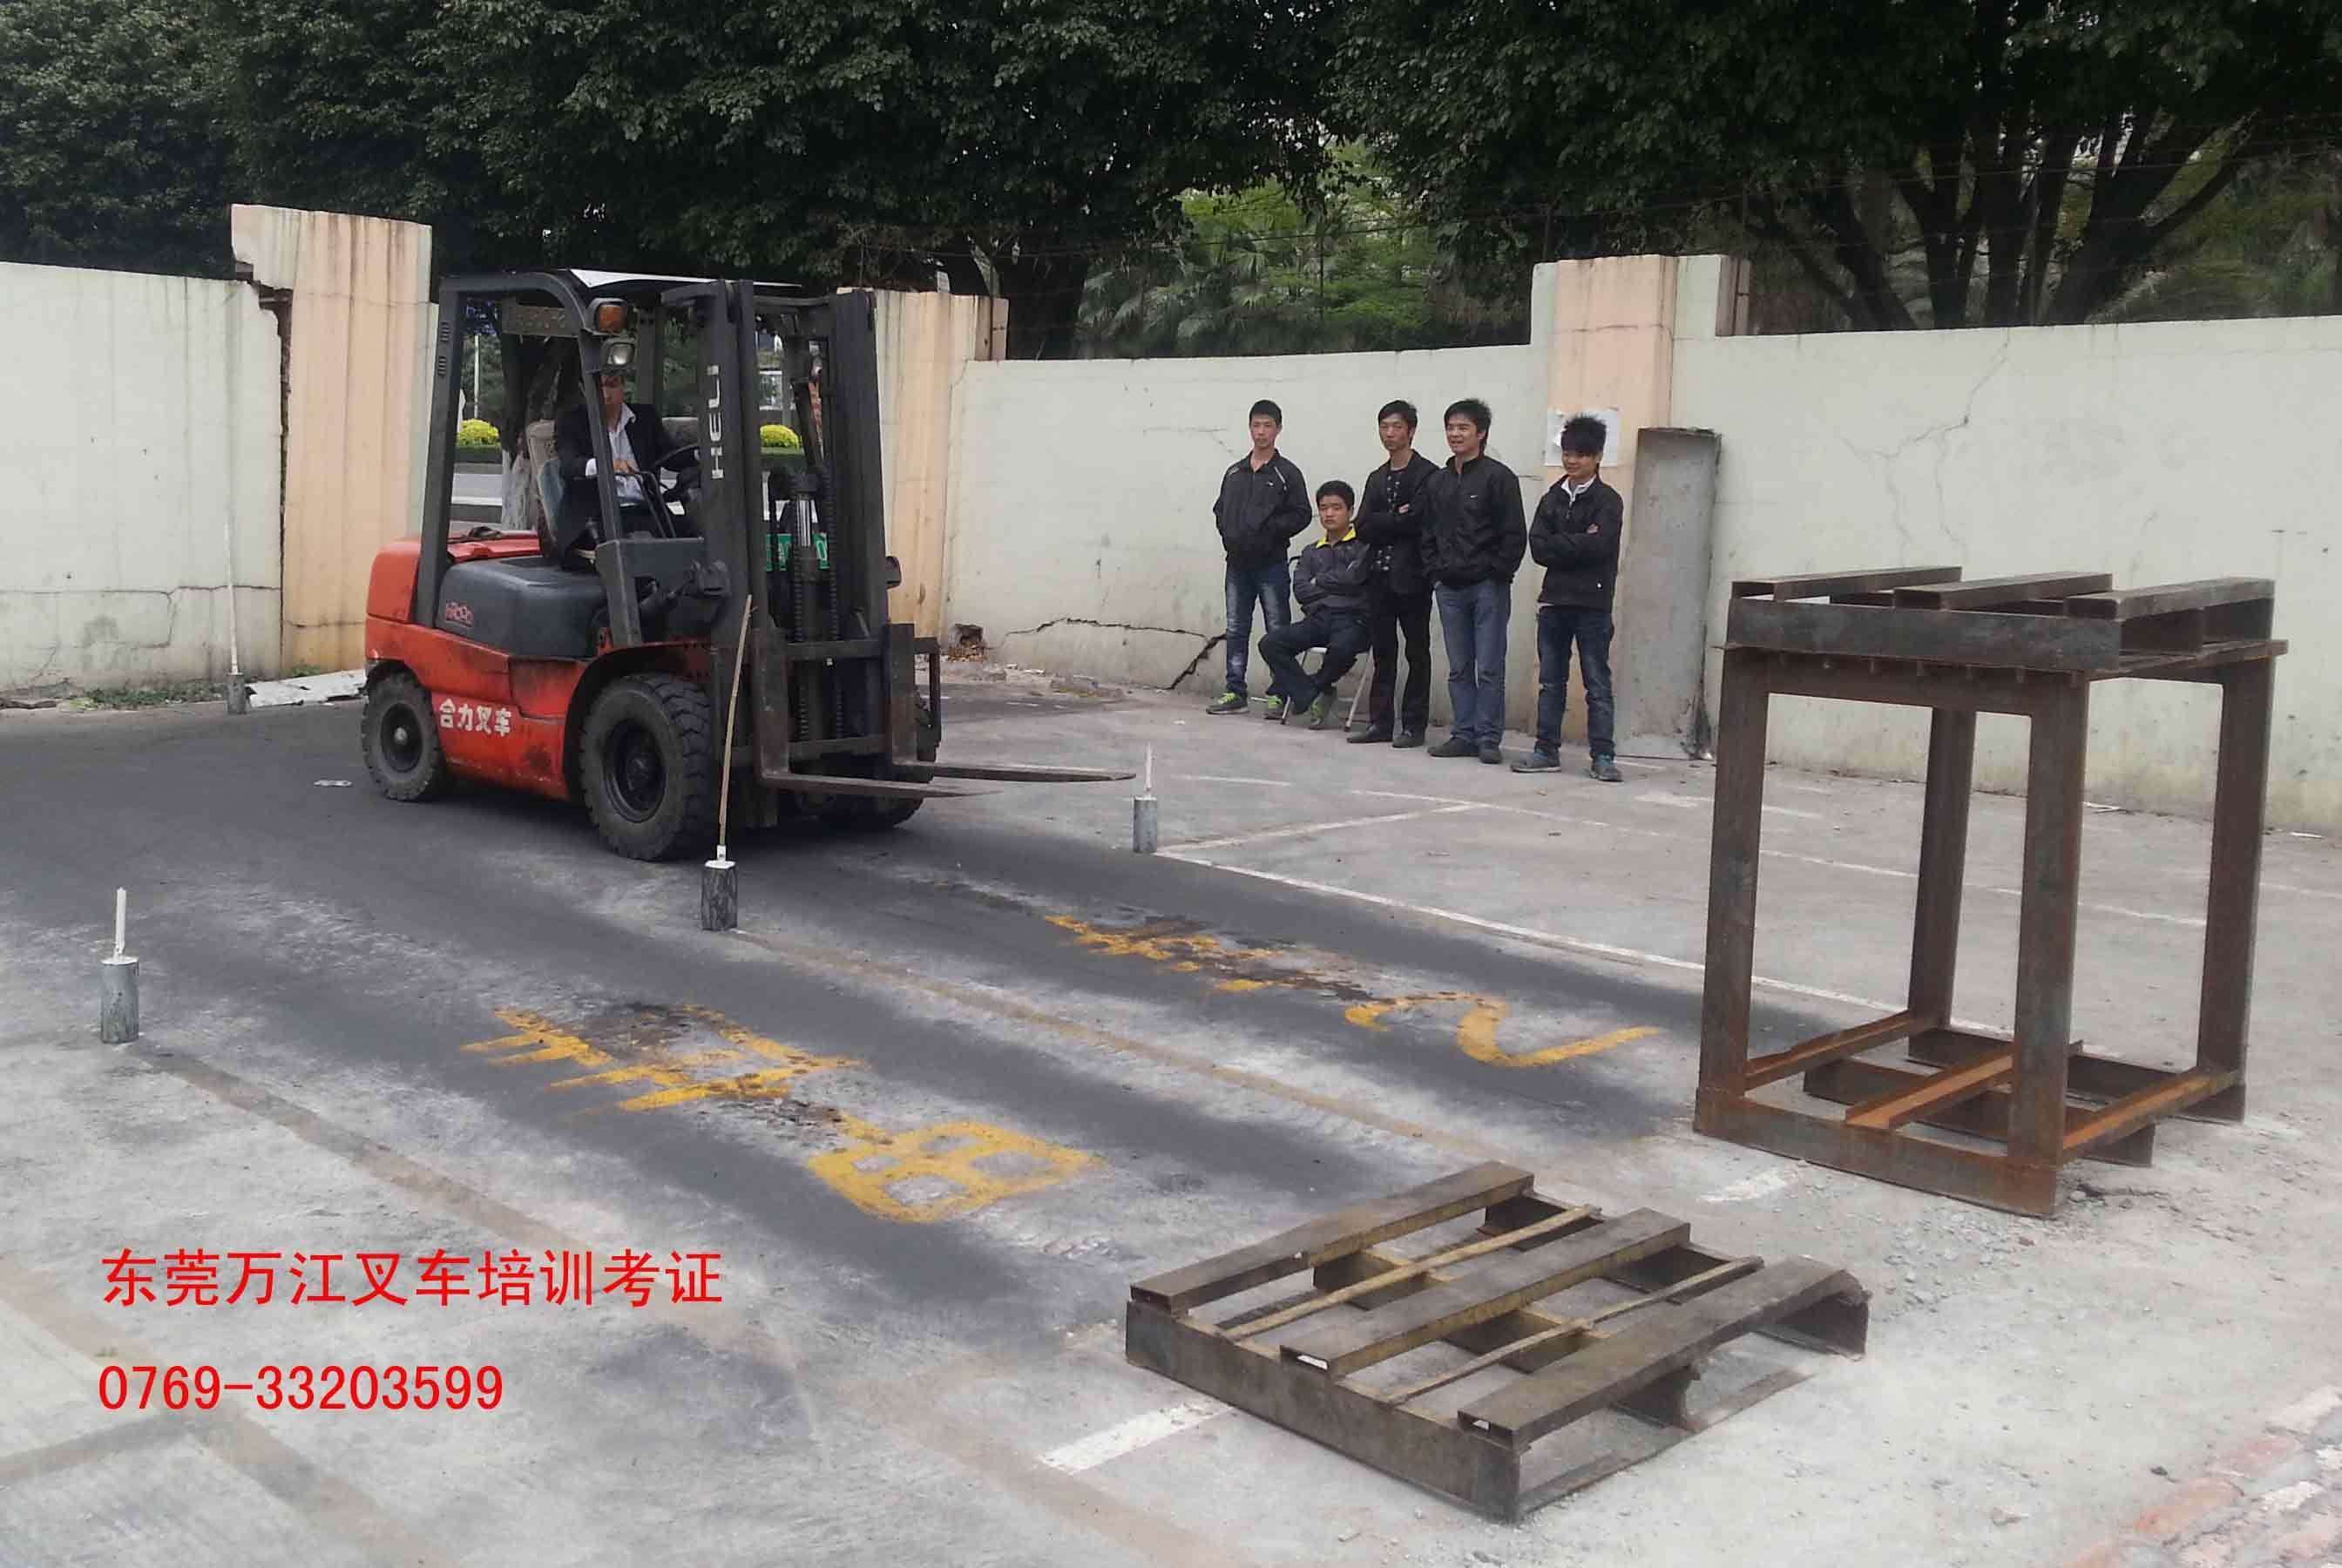 长安专业叉车培训课程 诚材培训 附近 抱夹 大型 开 学 专业